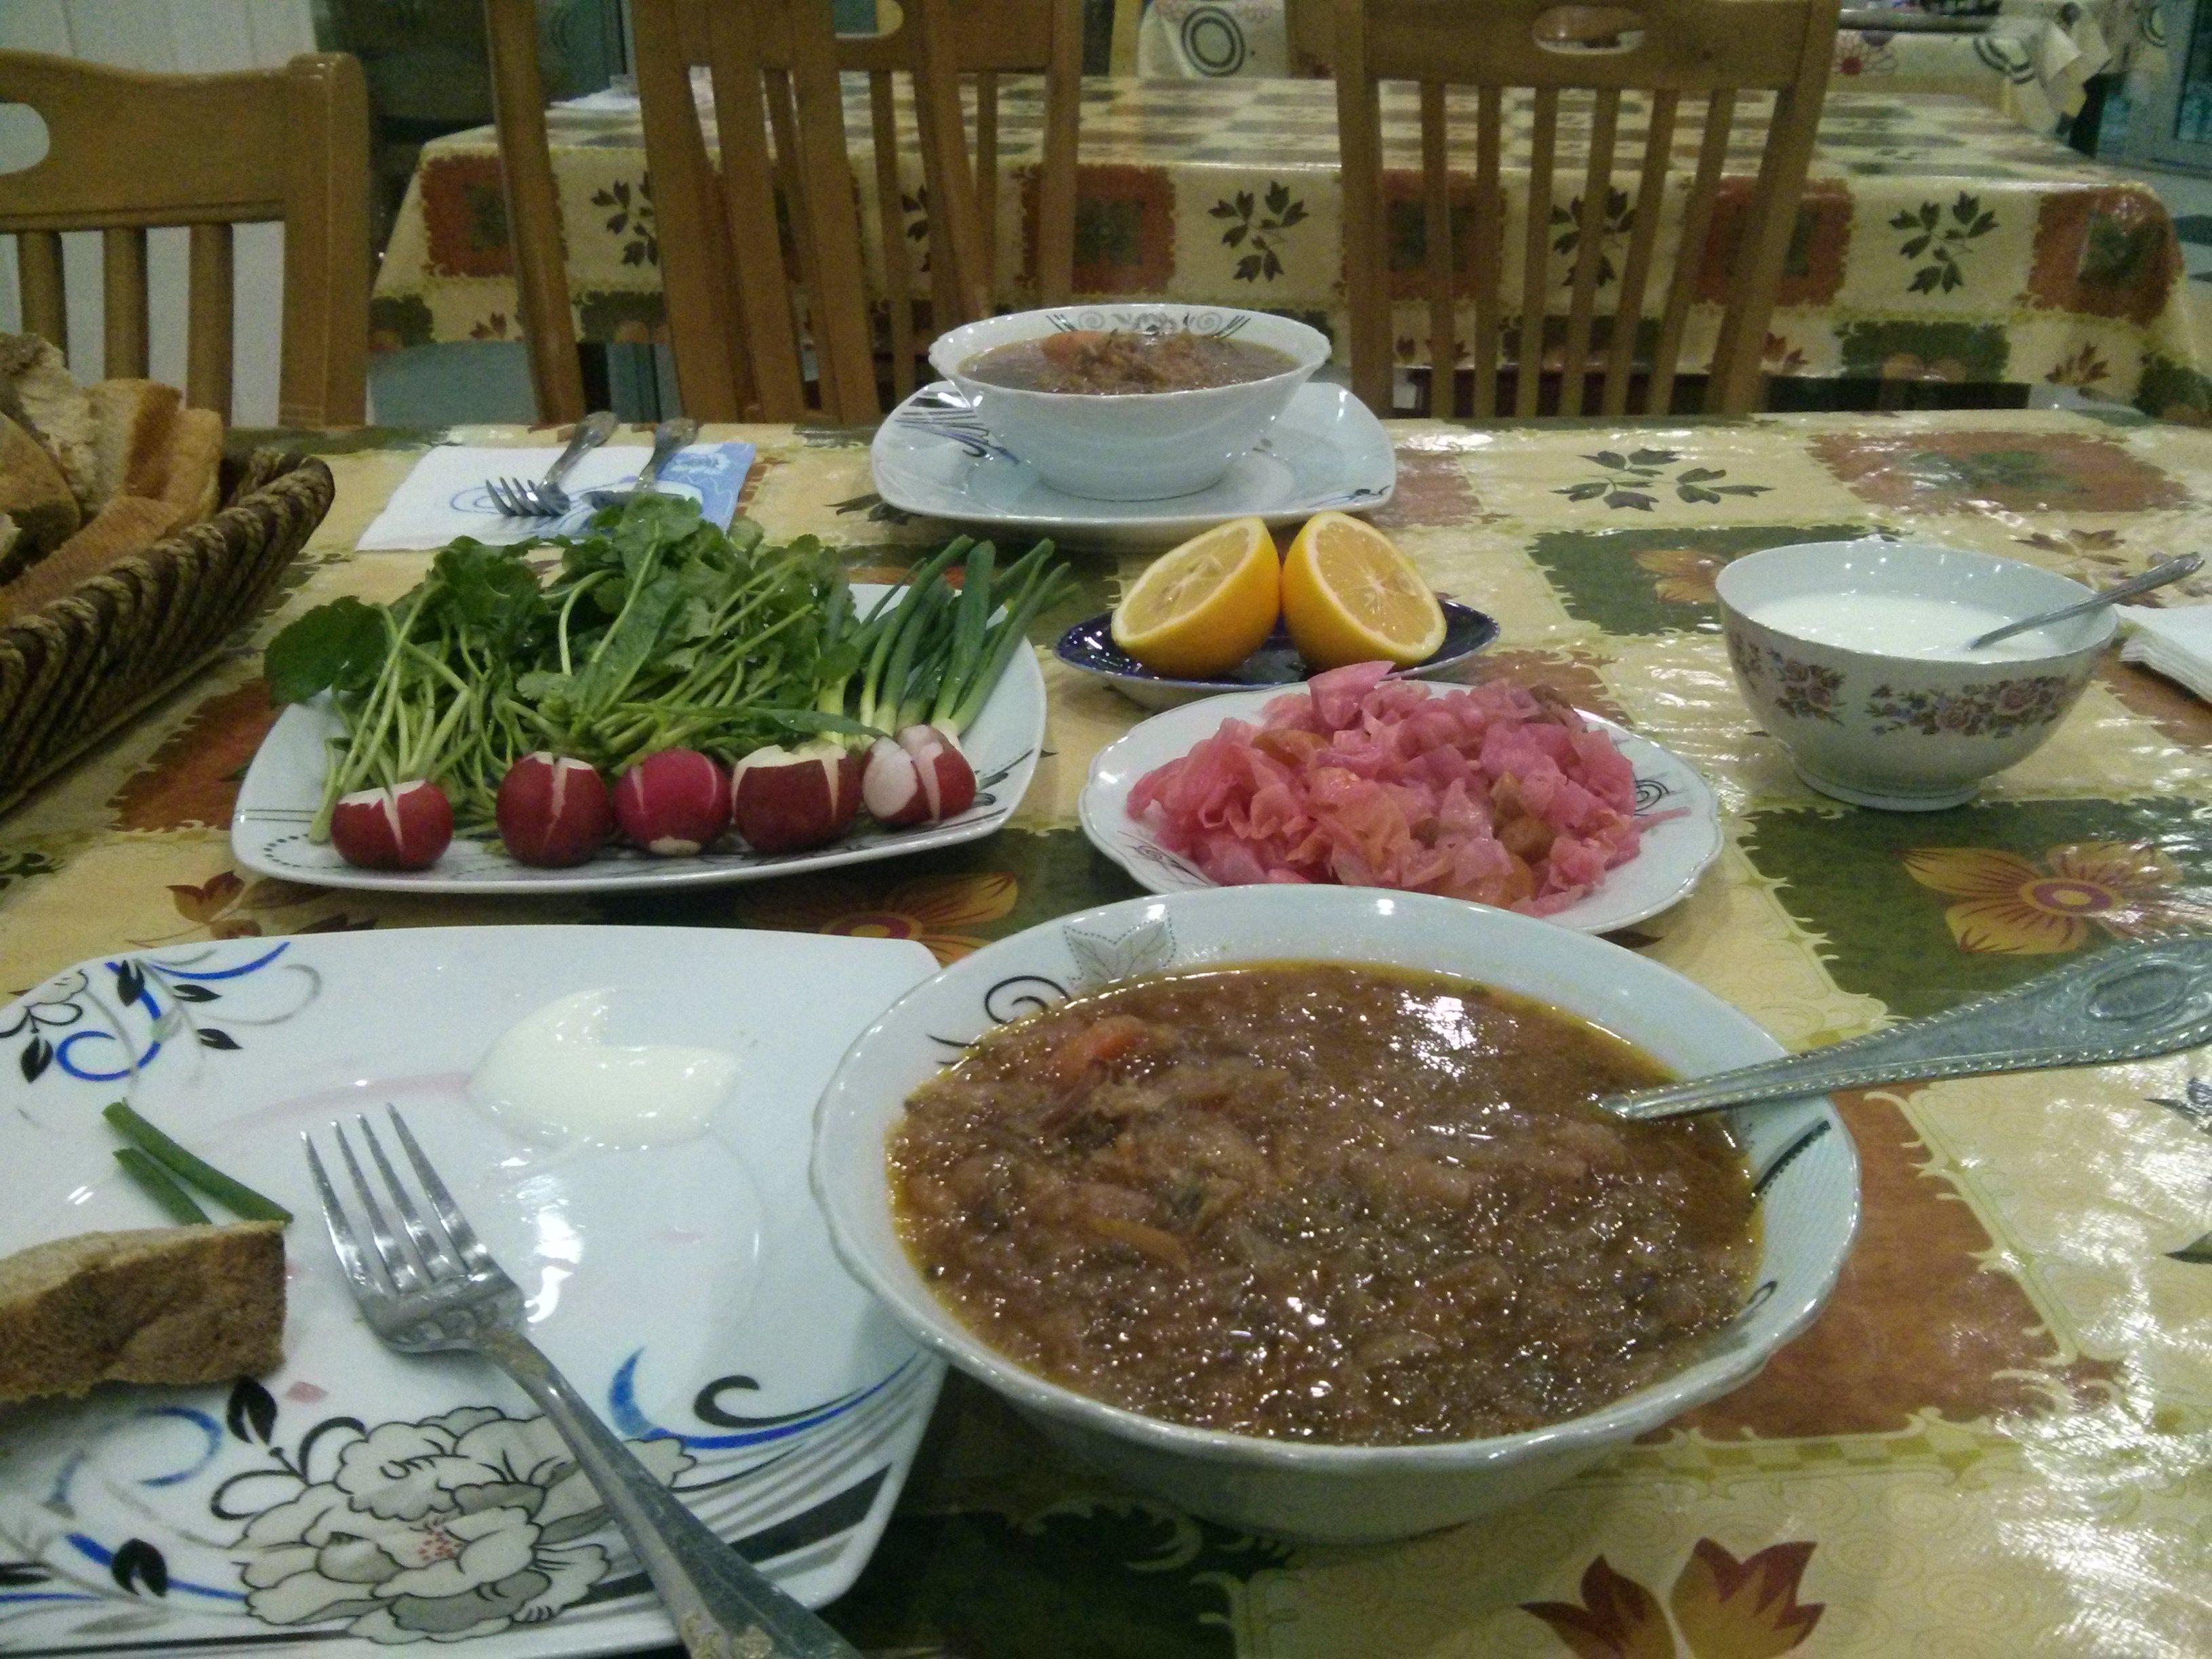 Goed en eerlijk eten